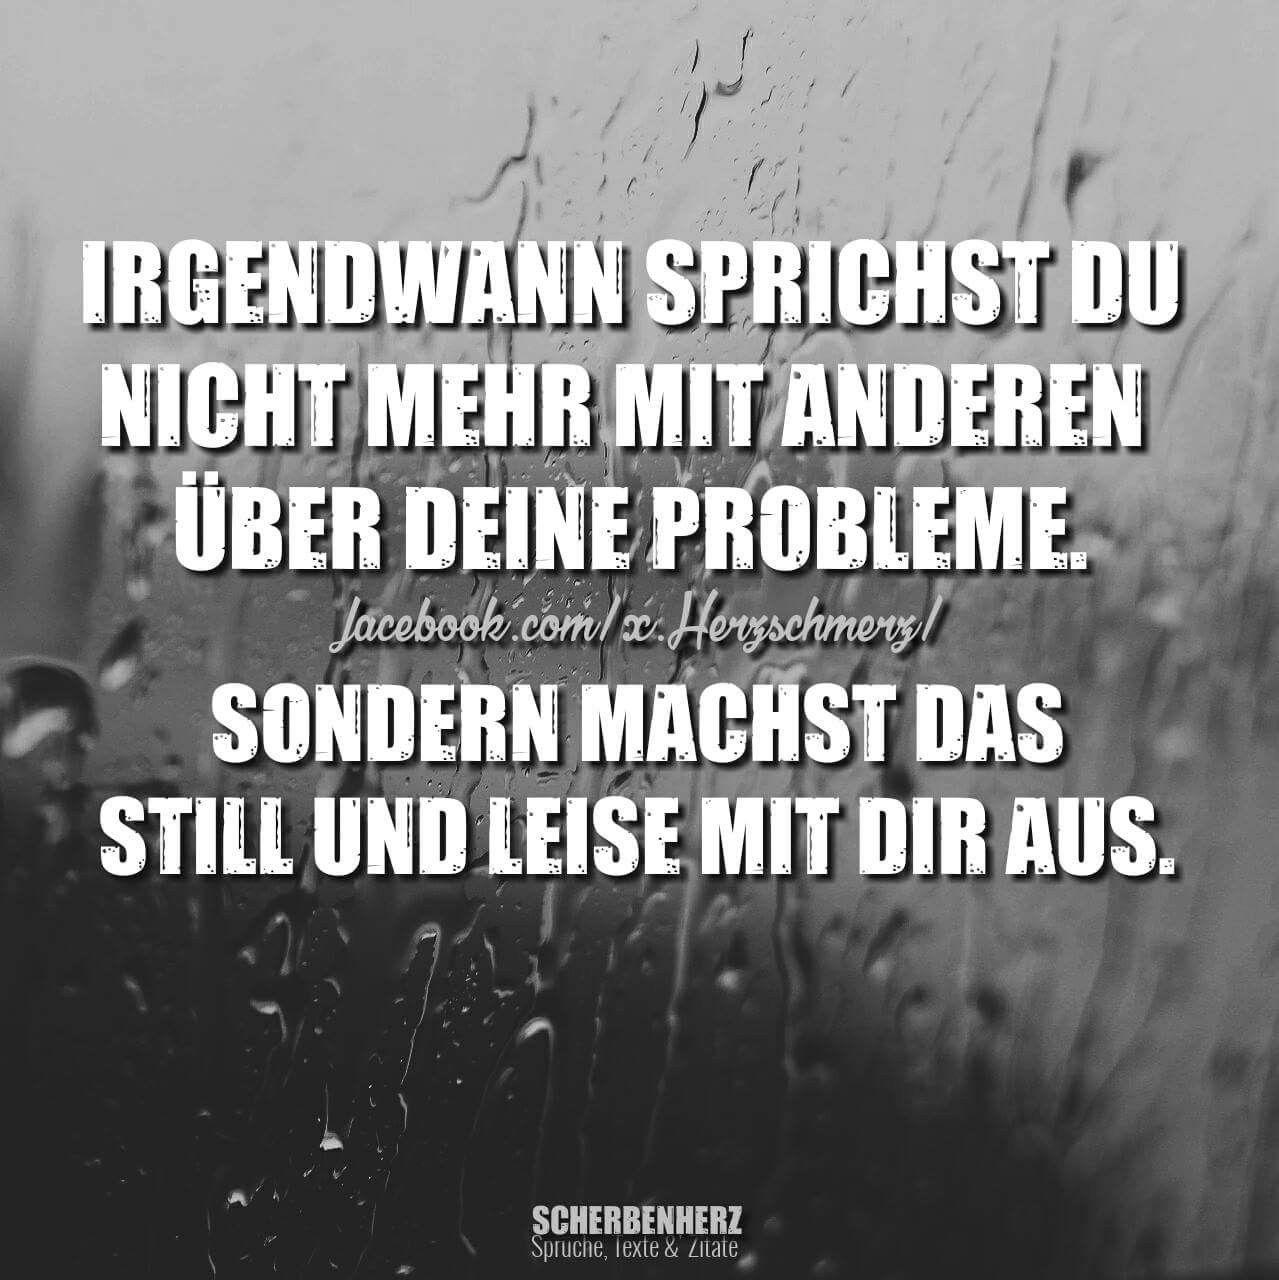 Probleme Zitate Und Spruche Pinterest Zitat Spruche Und Traurig